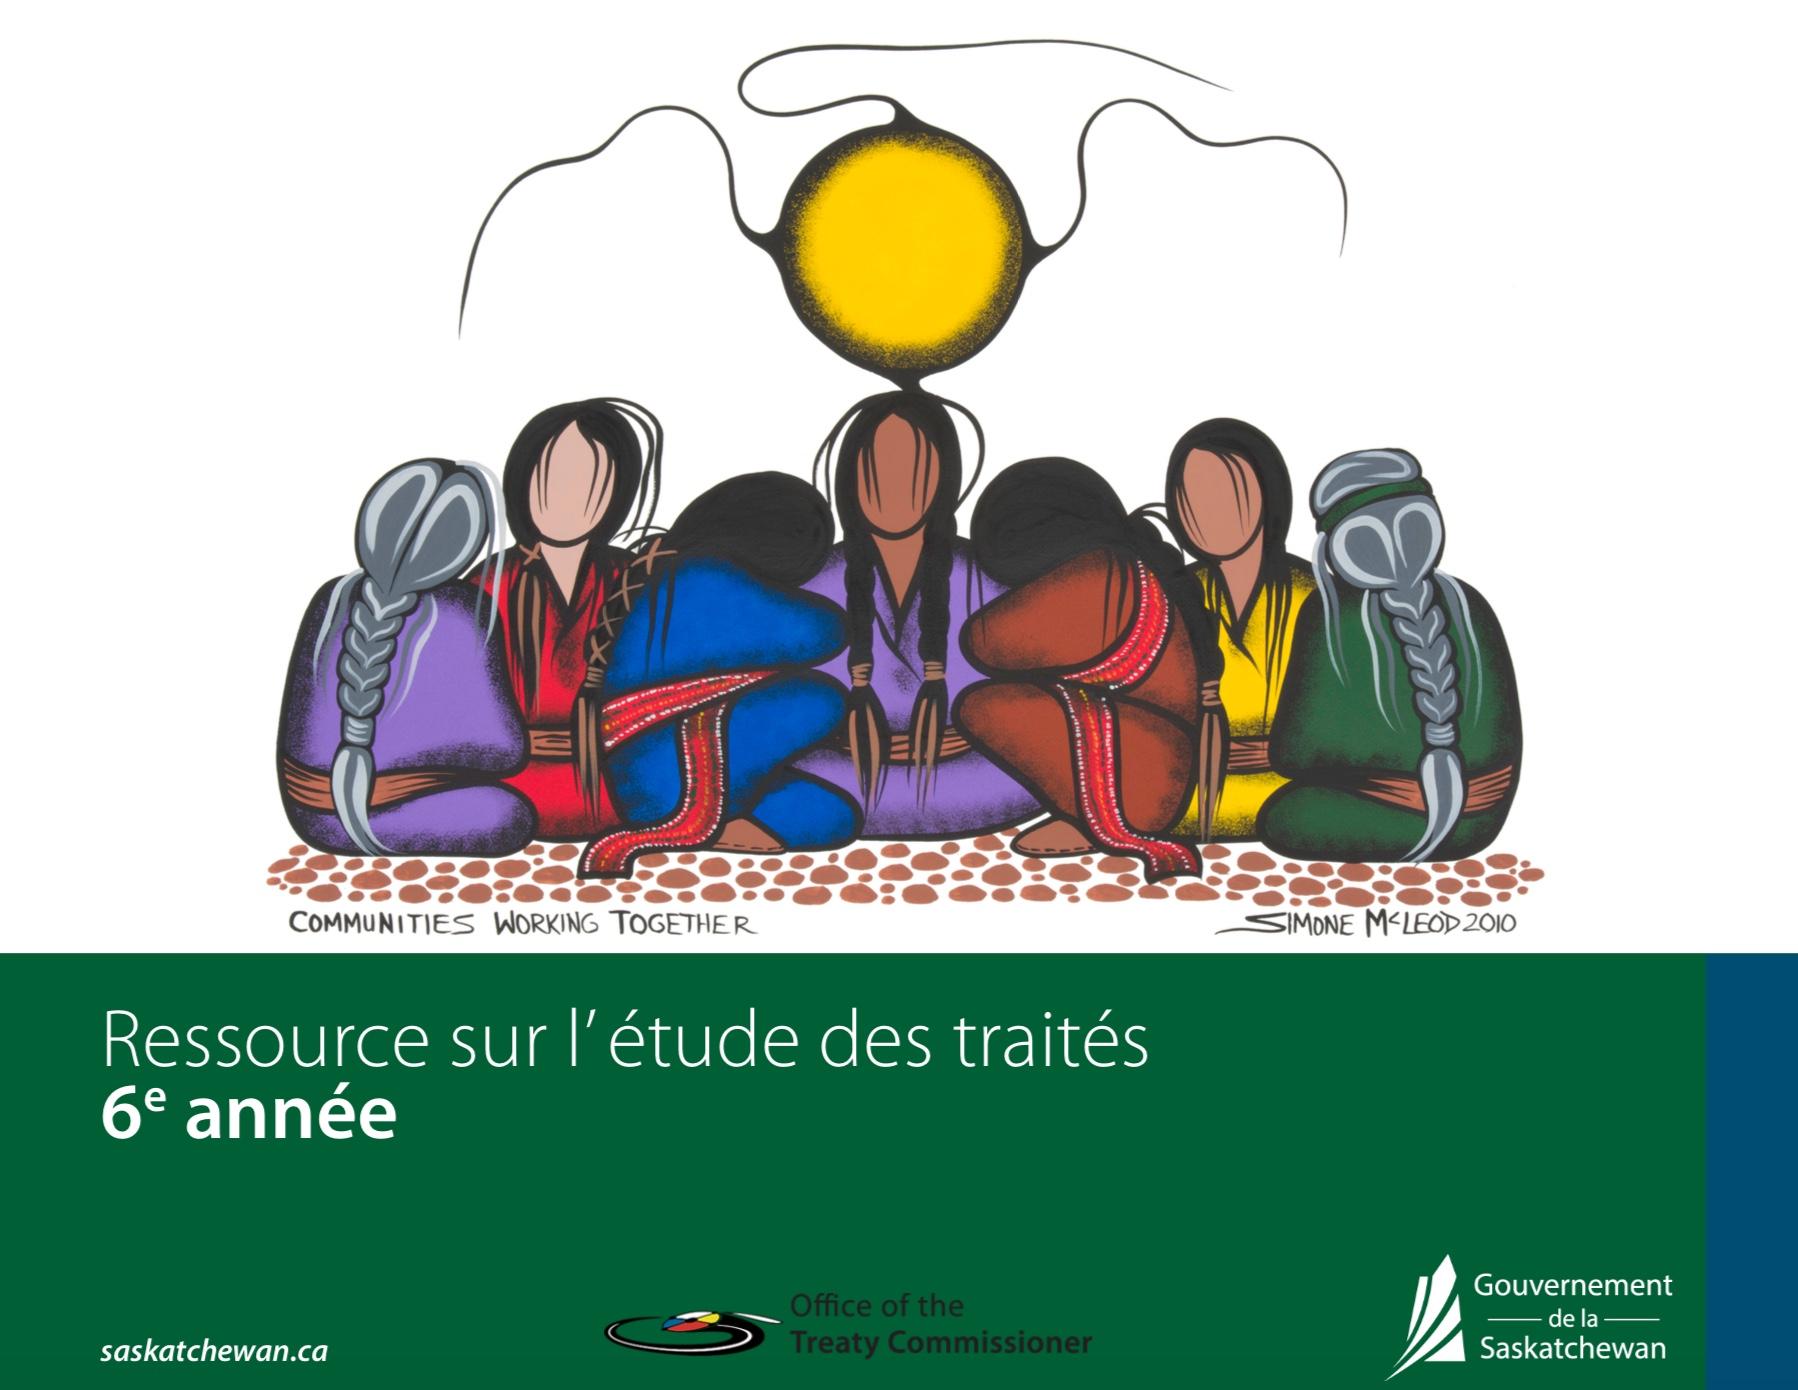 Ressource sur l' étude des traités - 6e année